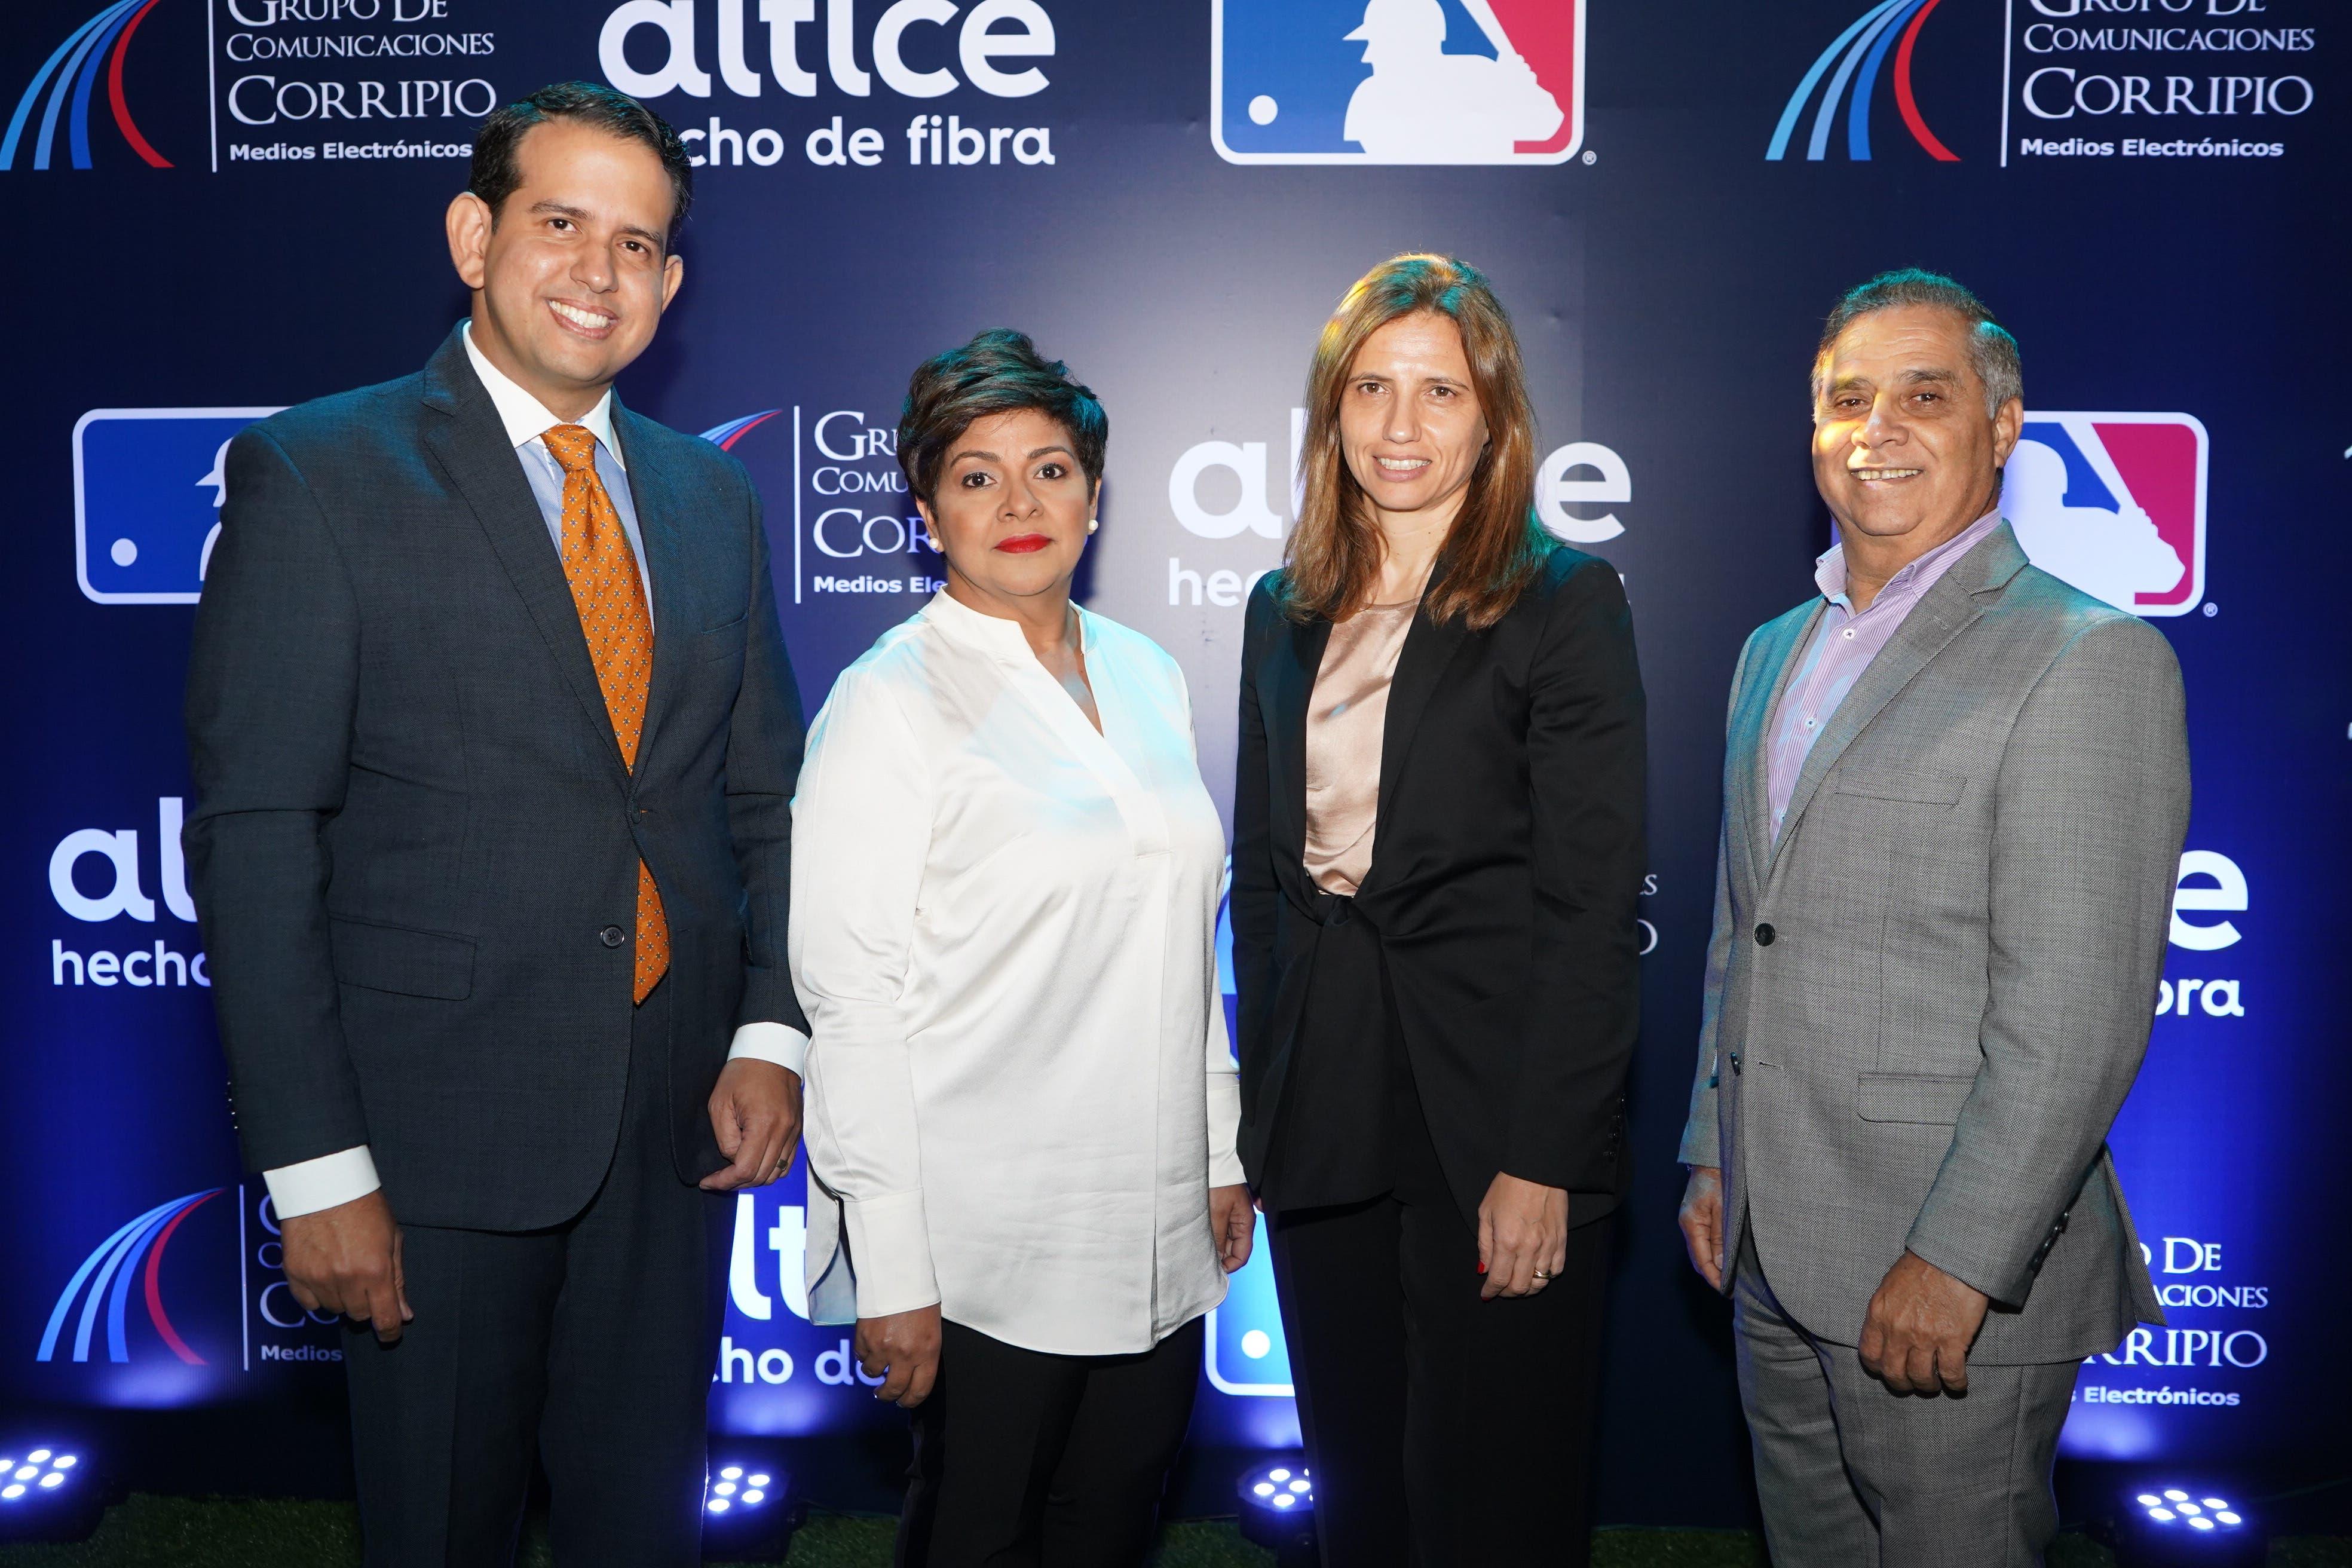 Altice y Grupo de Comunicaciones Corripio revelan detalles sobre comercialización de los juegos de la MLB